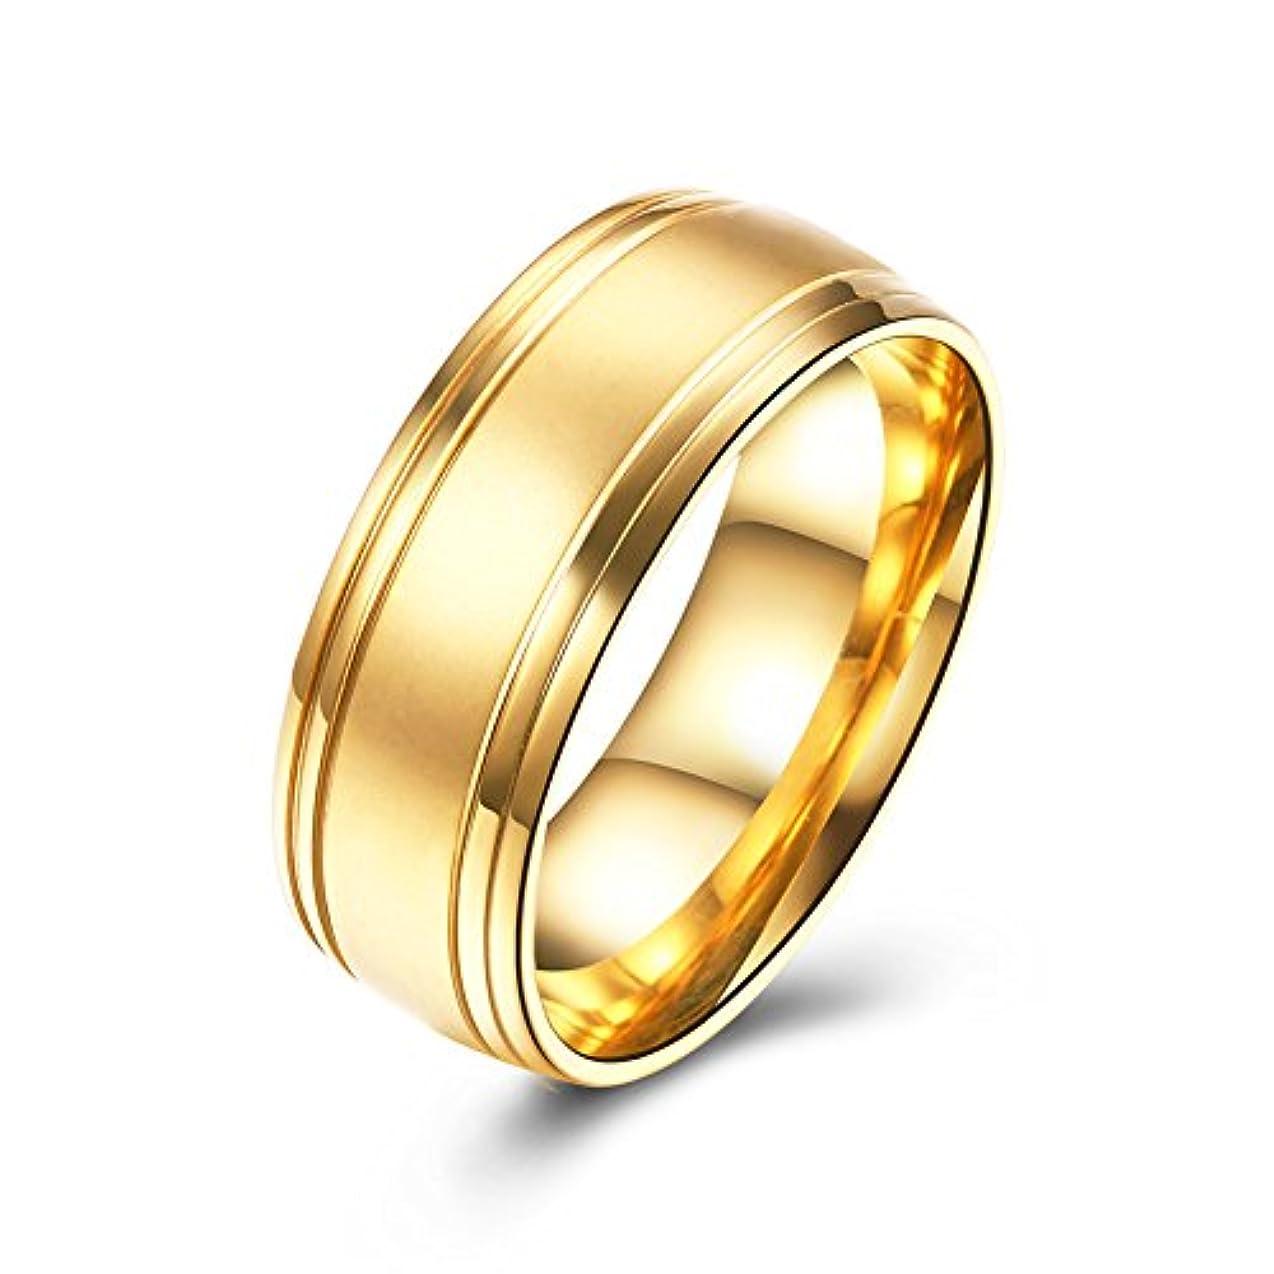 最もルーチン選挙流行アクセサリー バレンタインデーのカップルの指輪 ステンレススタンダードリング アレルギーを防ぐ 色あせない